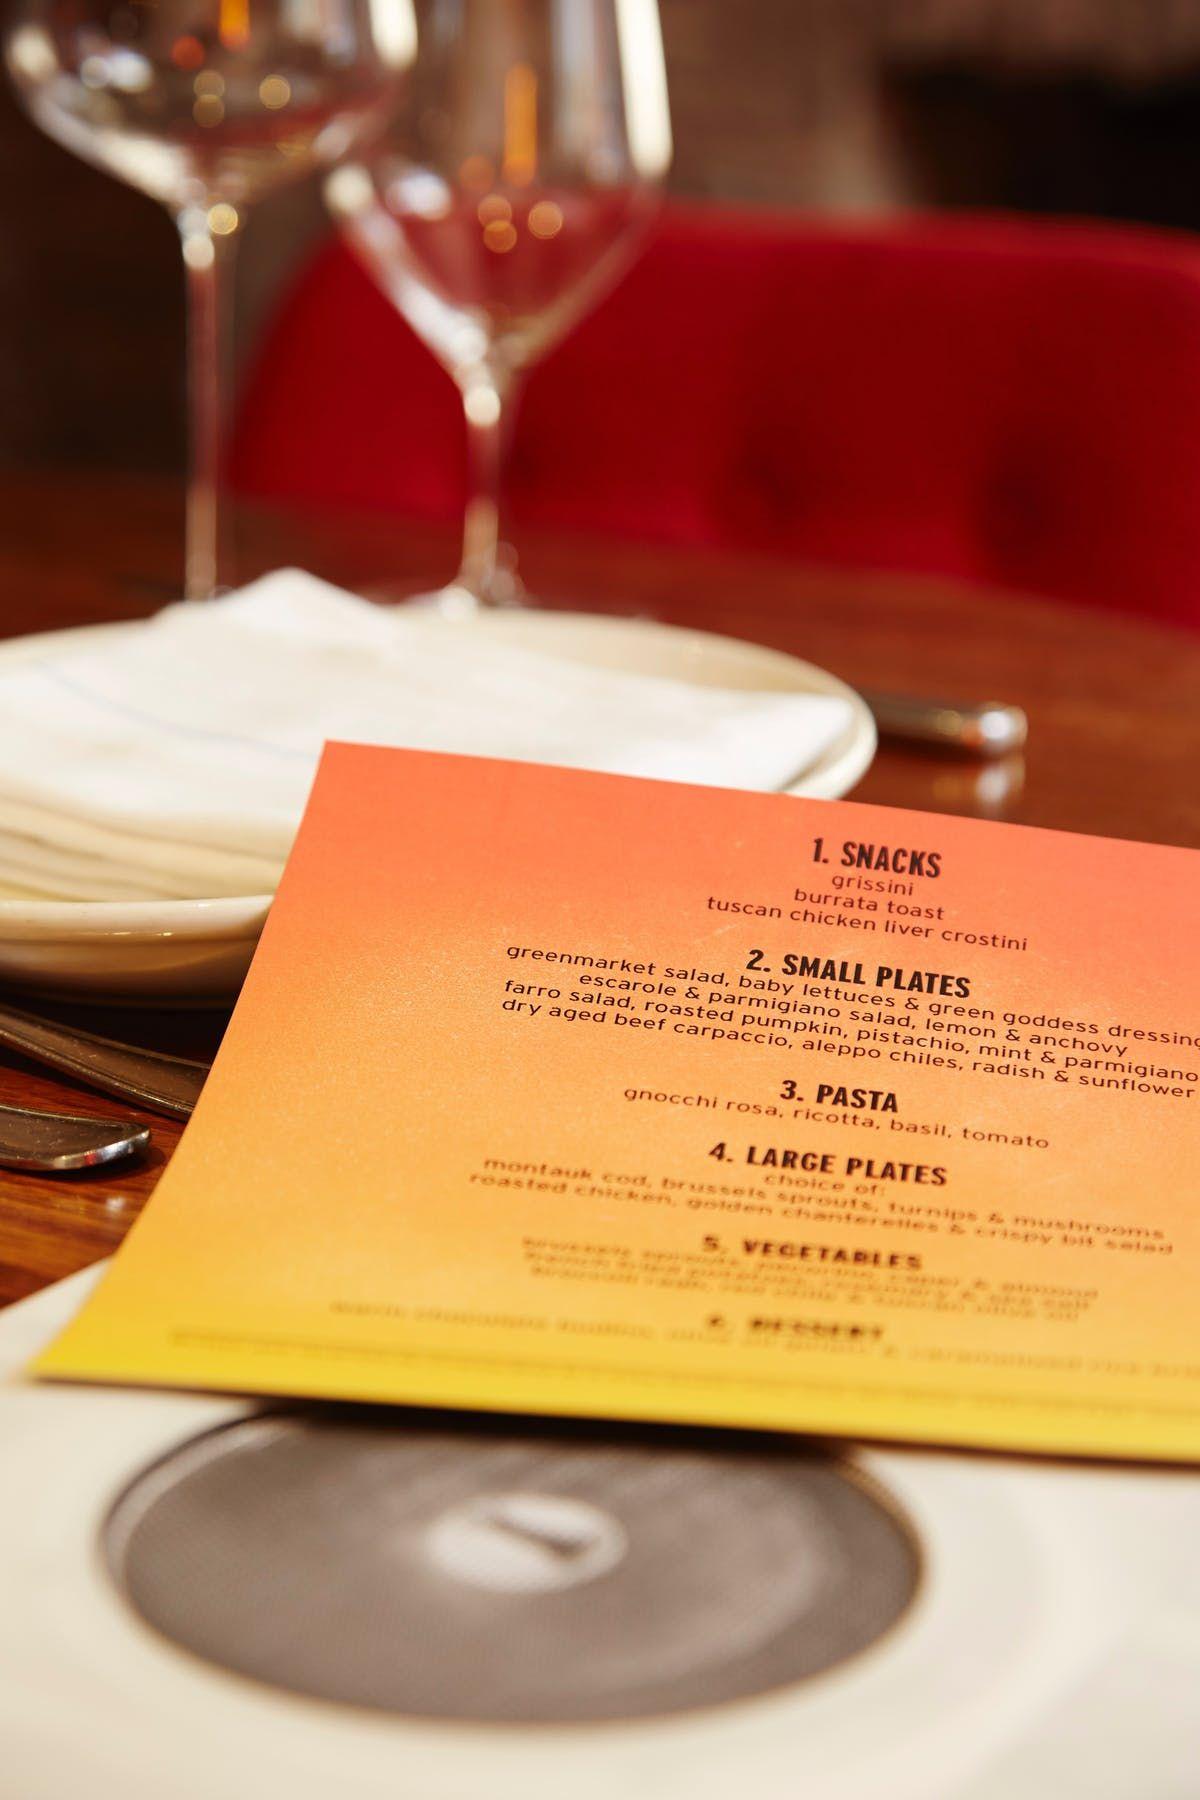 Charlie Bird Chicken Livers Restaurant Offers Tuscan Chicken